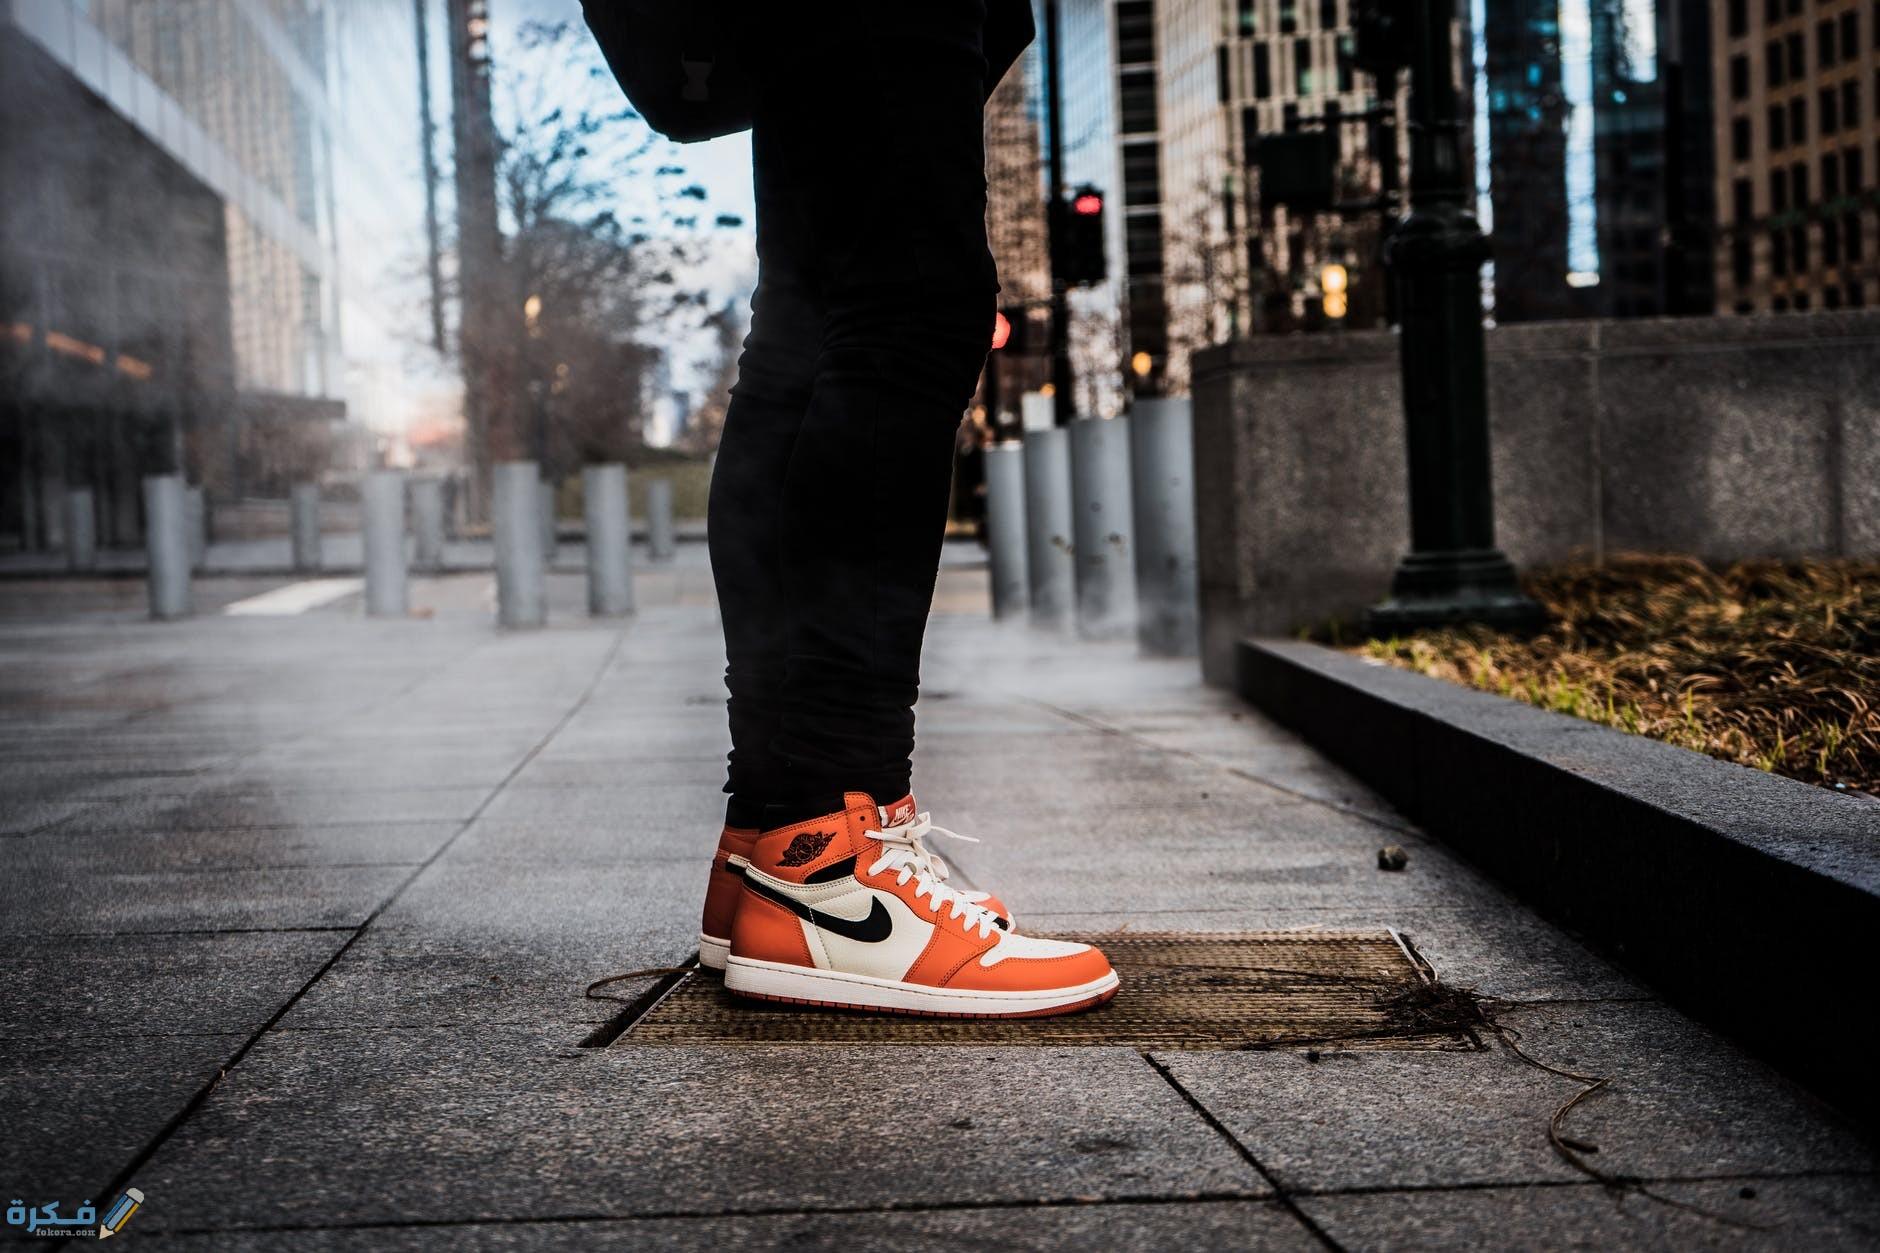 تفسير رؤية الحذاء في المنام معنى الحذاء القديم والجديد والواسع والضيق والمختلف في الحلم ارب حظ